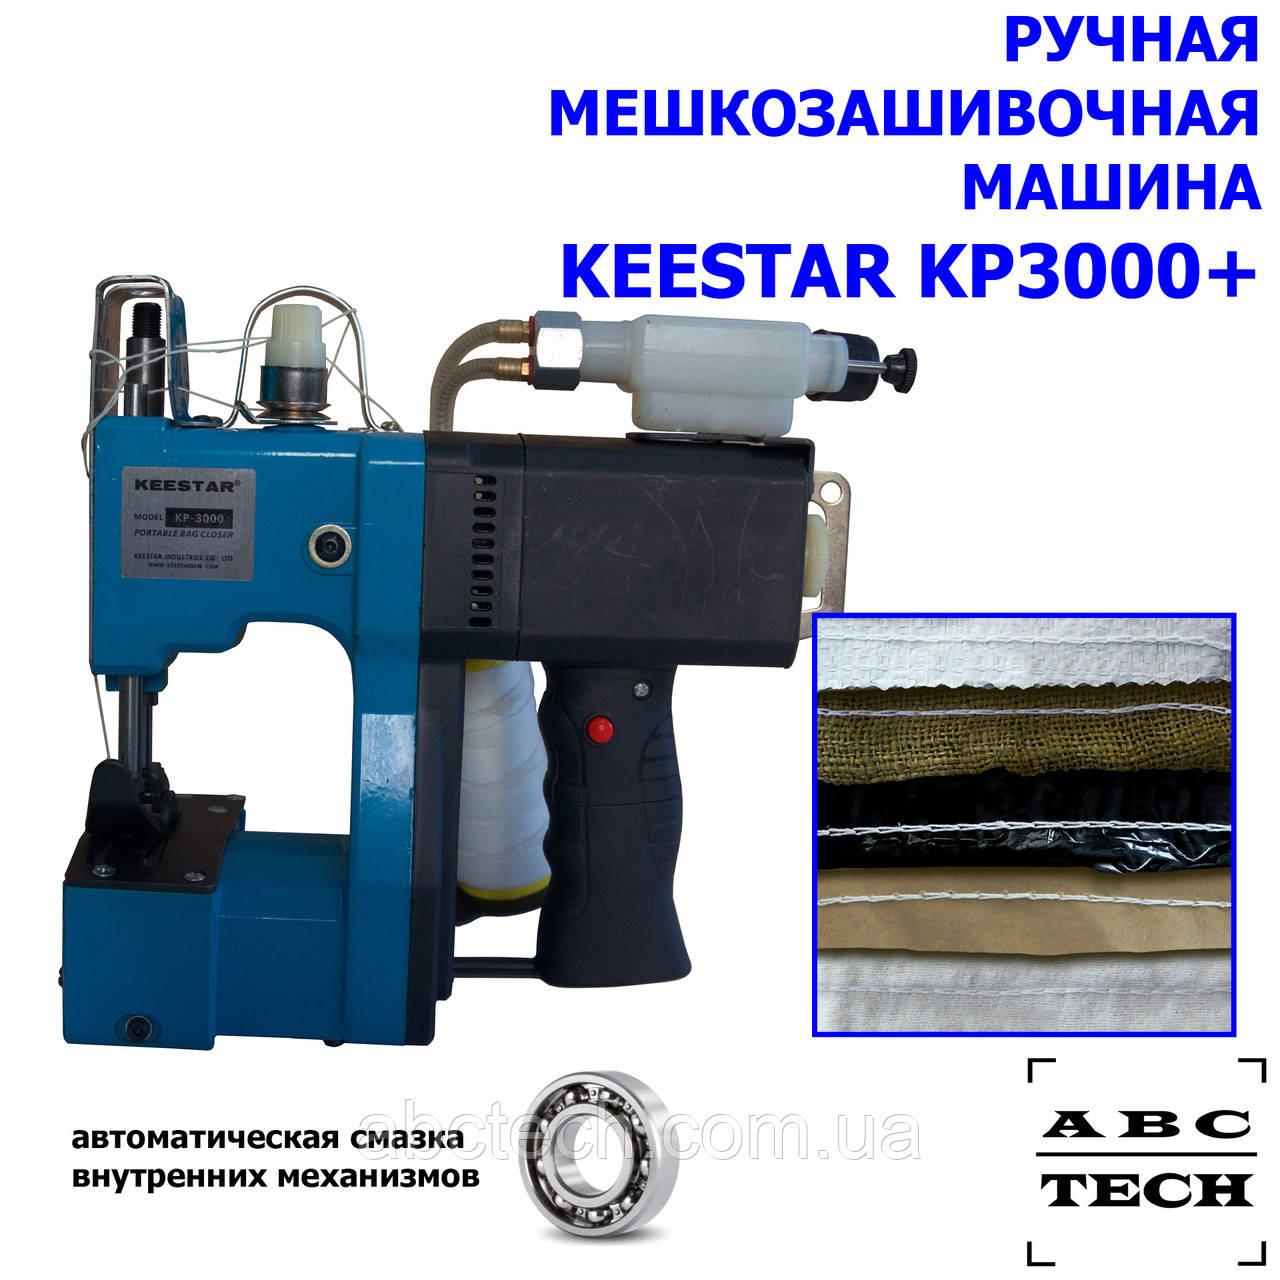 Ручная мешкозашивочная машина Keestar KP3000+